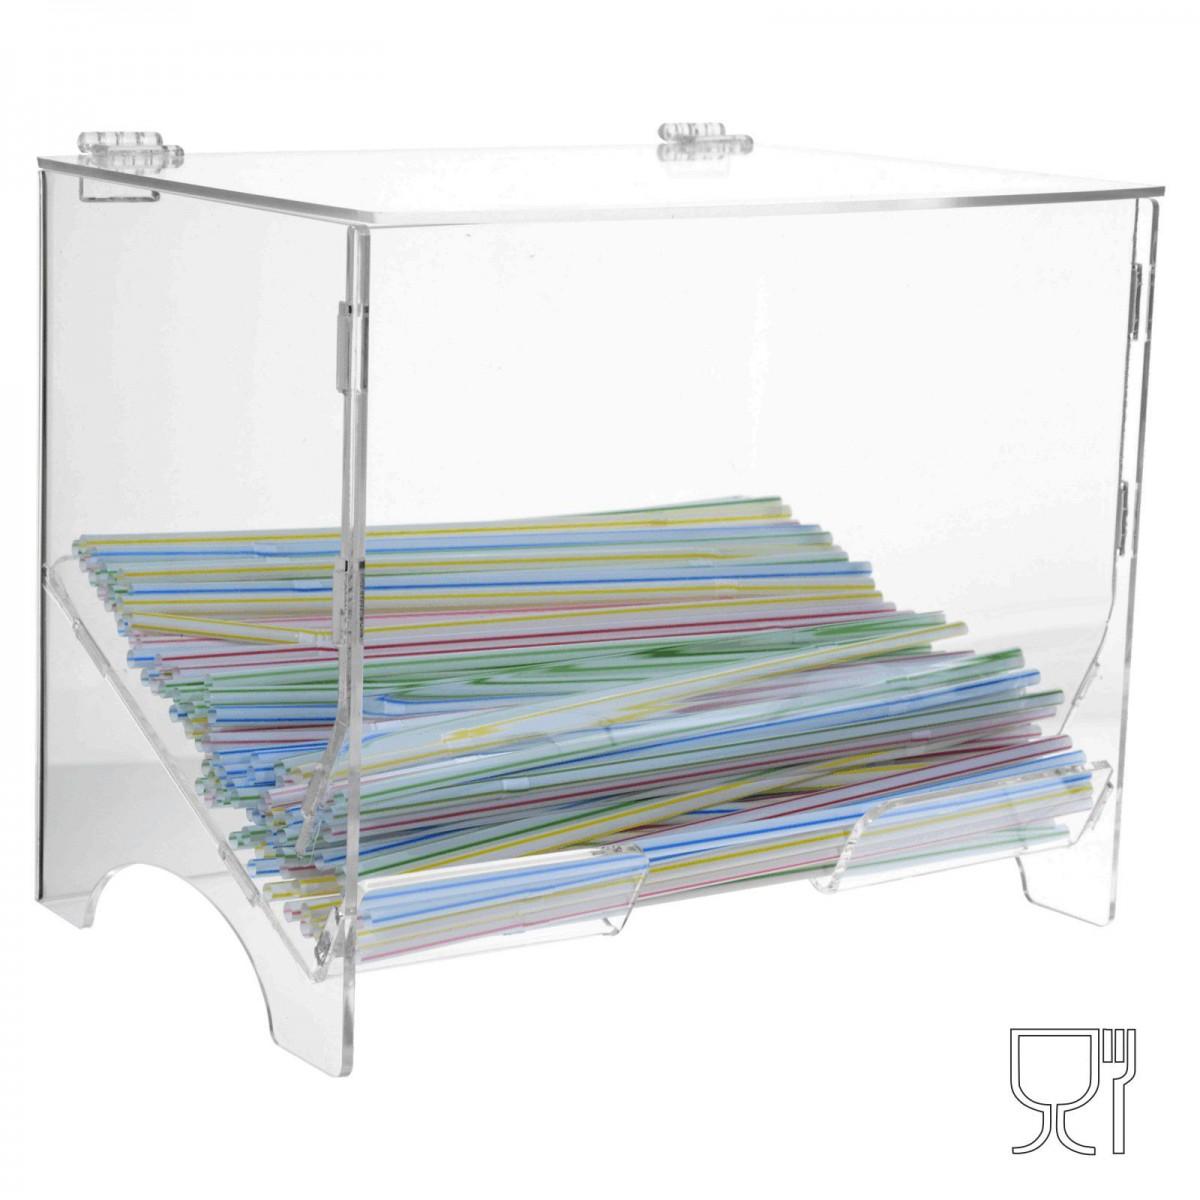 Prèsentoir acrylique pailles - Dimensions: 25 x 17 x H21cm